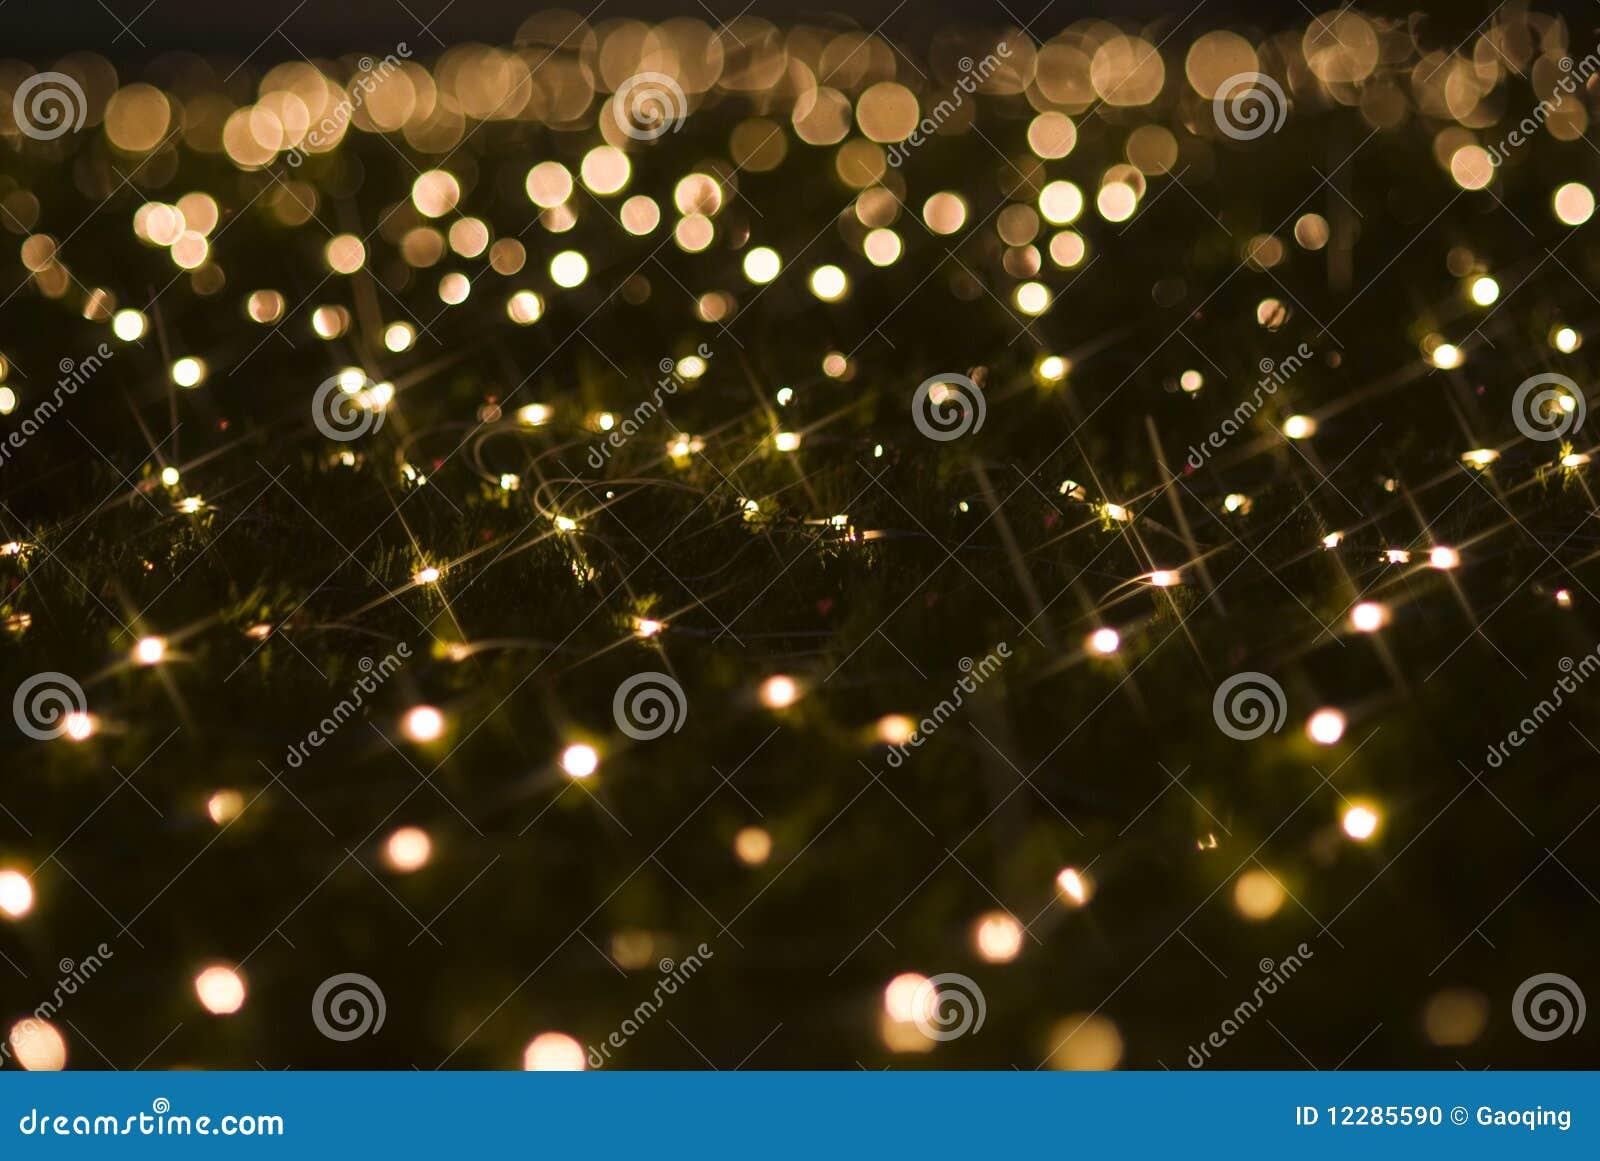 рождество производит эффект sequins светов праздника сверкная